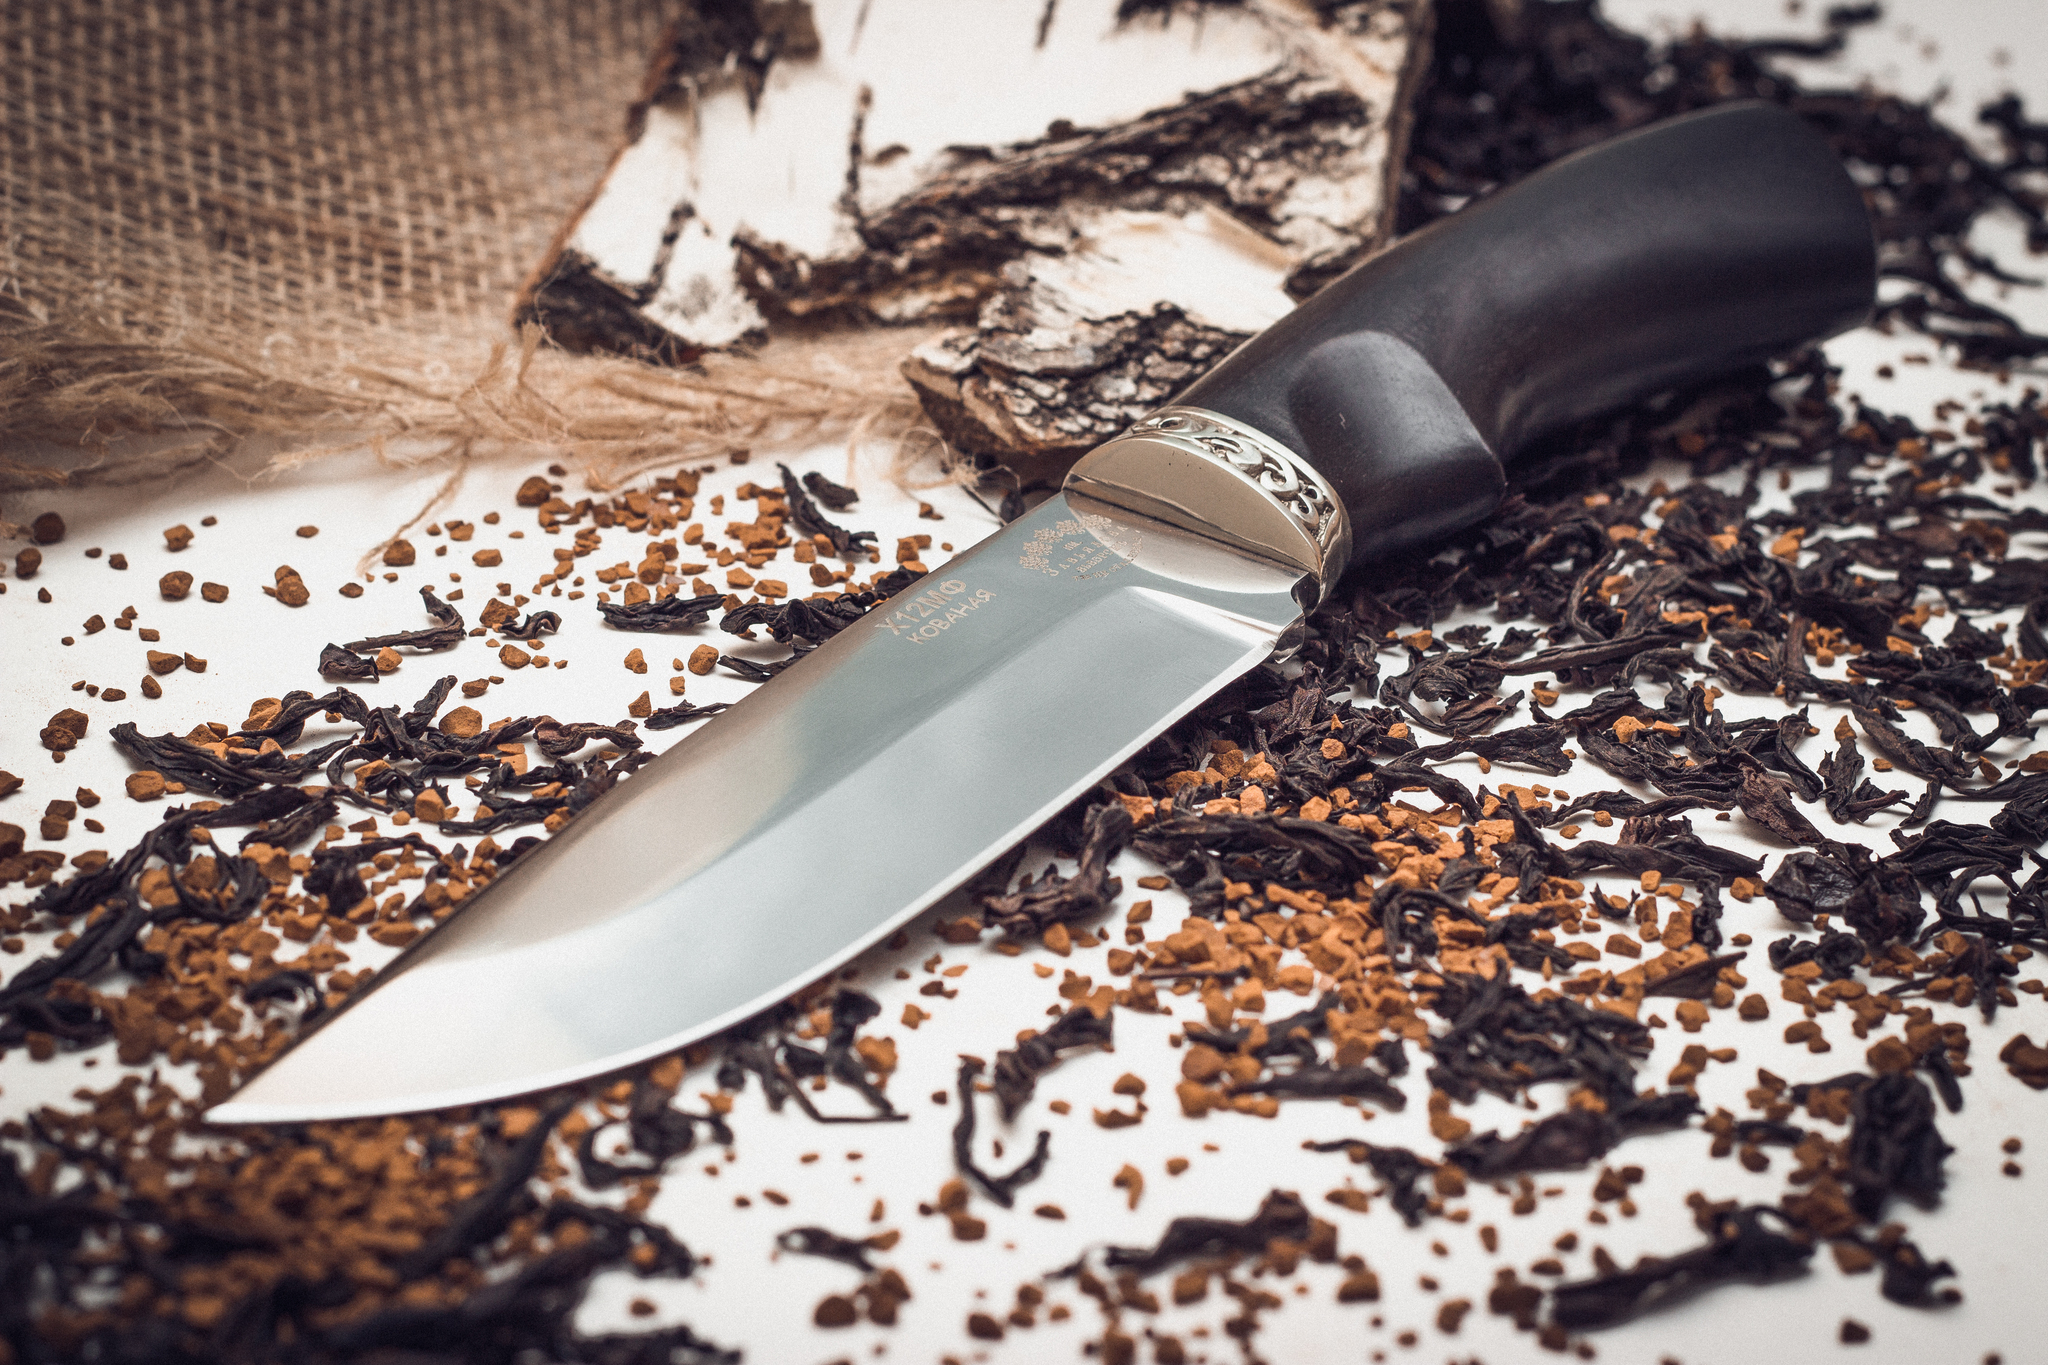 Фото 2 - Нож Курган черный граб от Кузница Завьялова